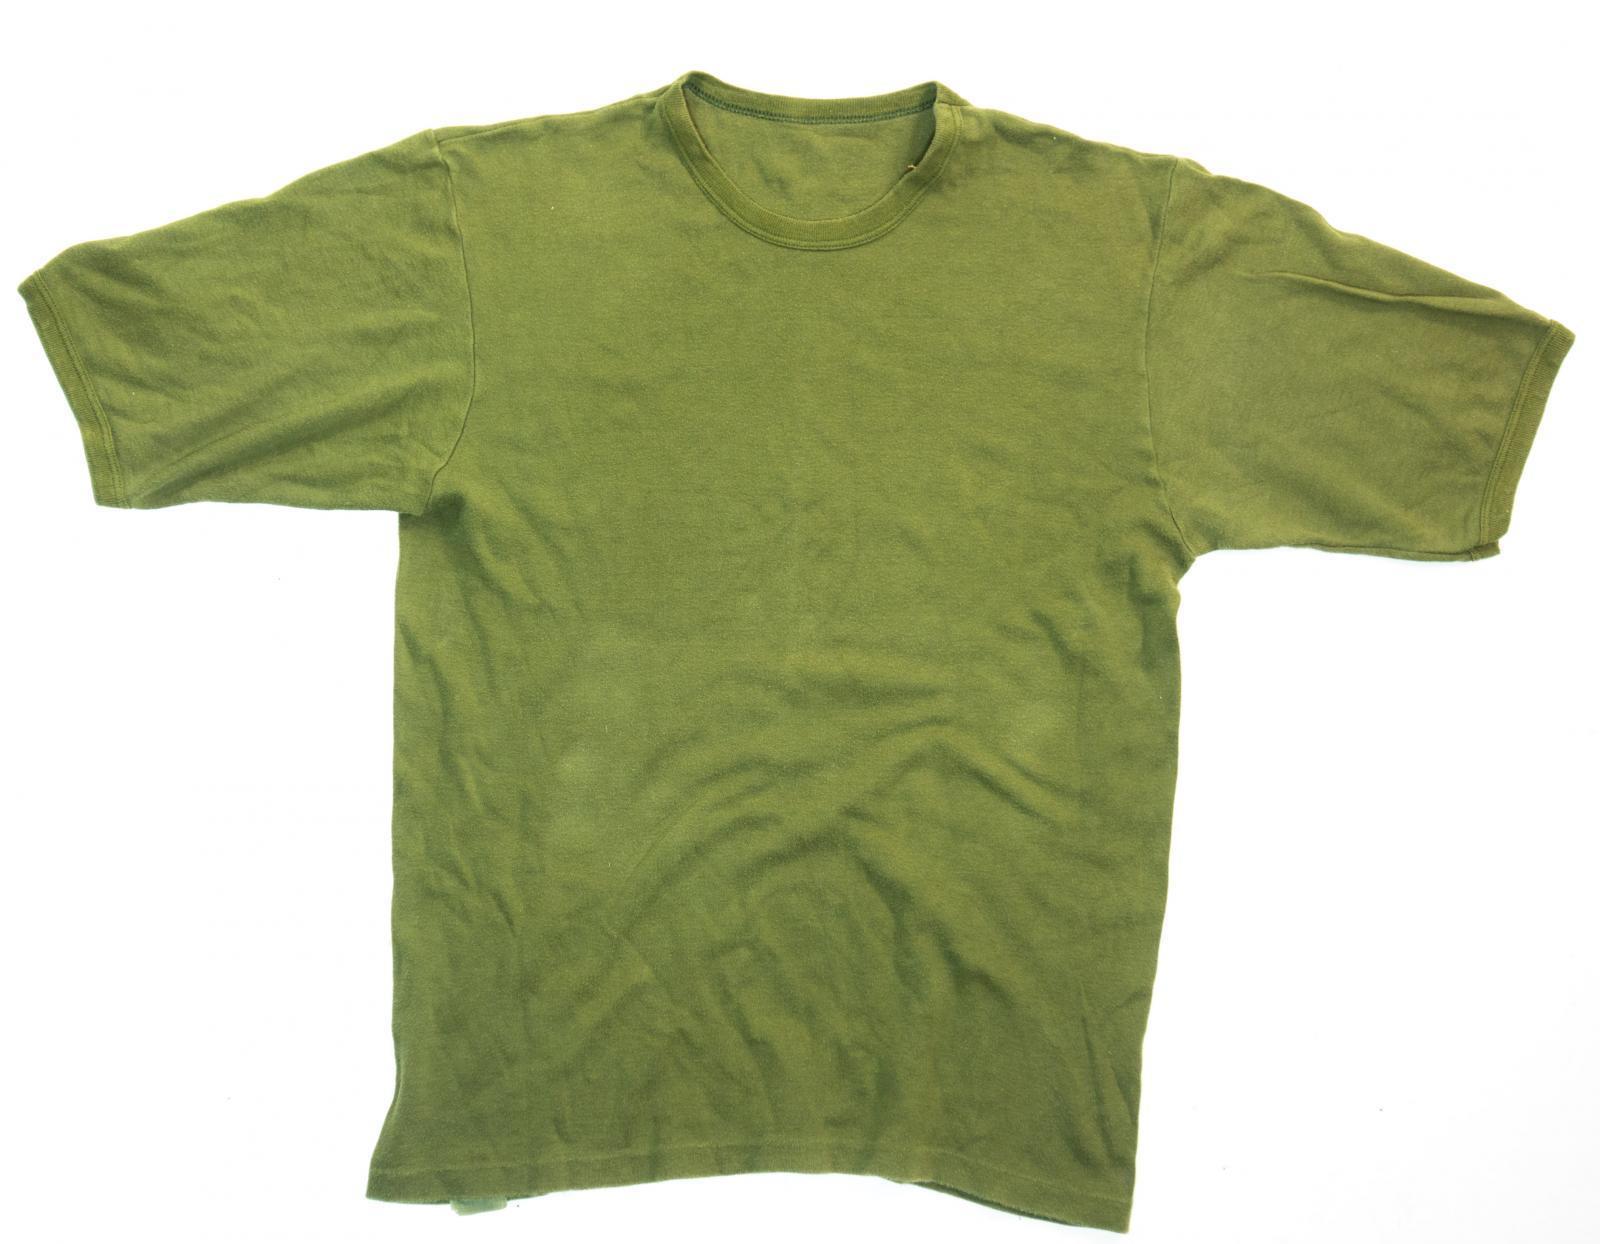 British Army Surplus T Shirts   Kuenzi Turf & Nursery